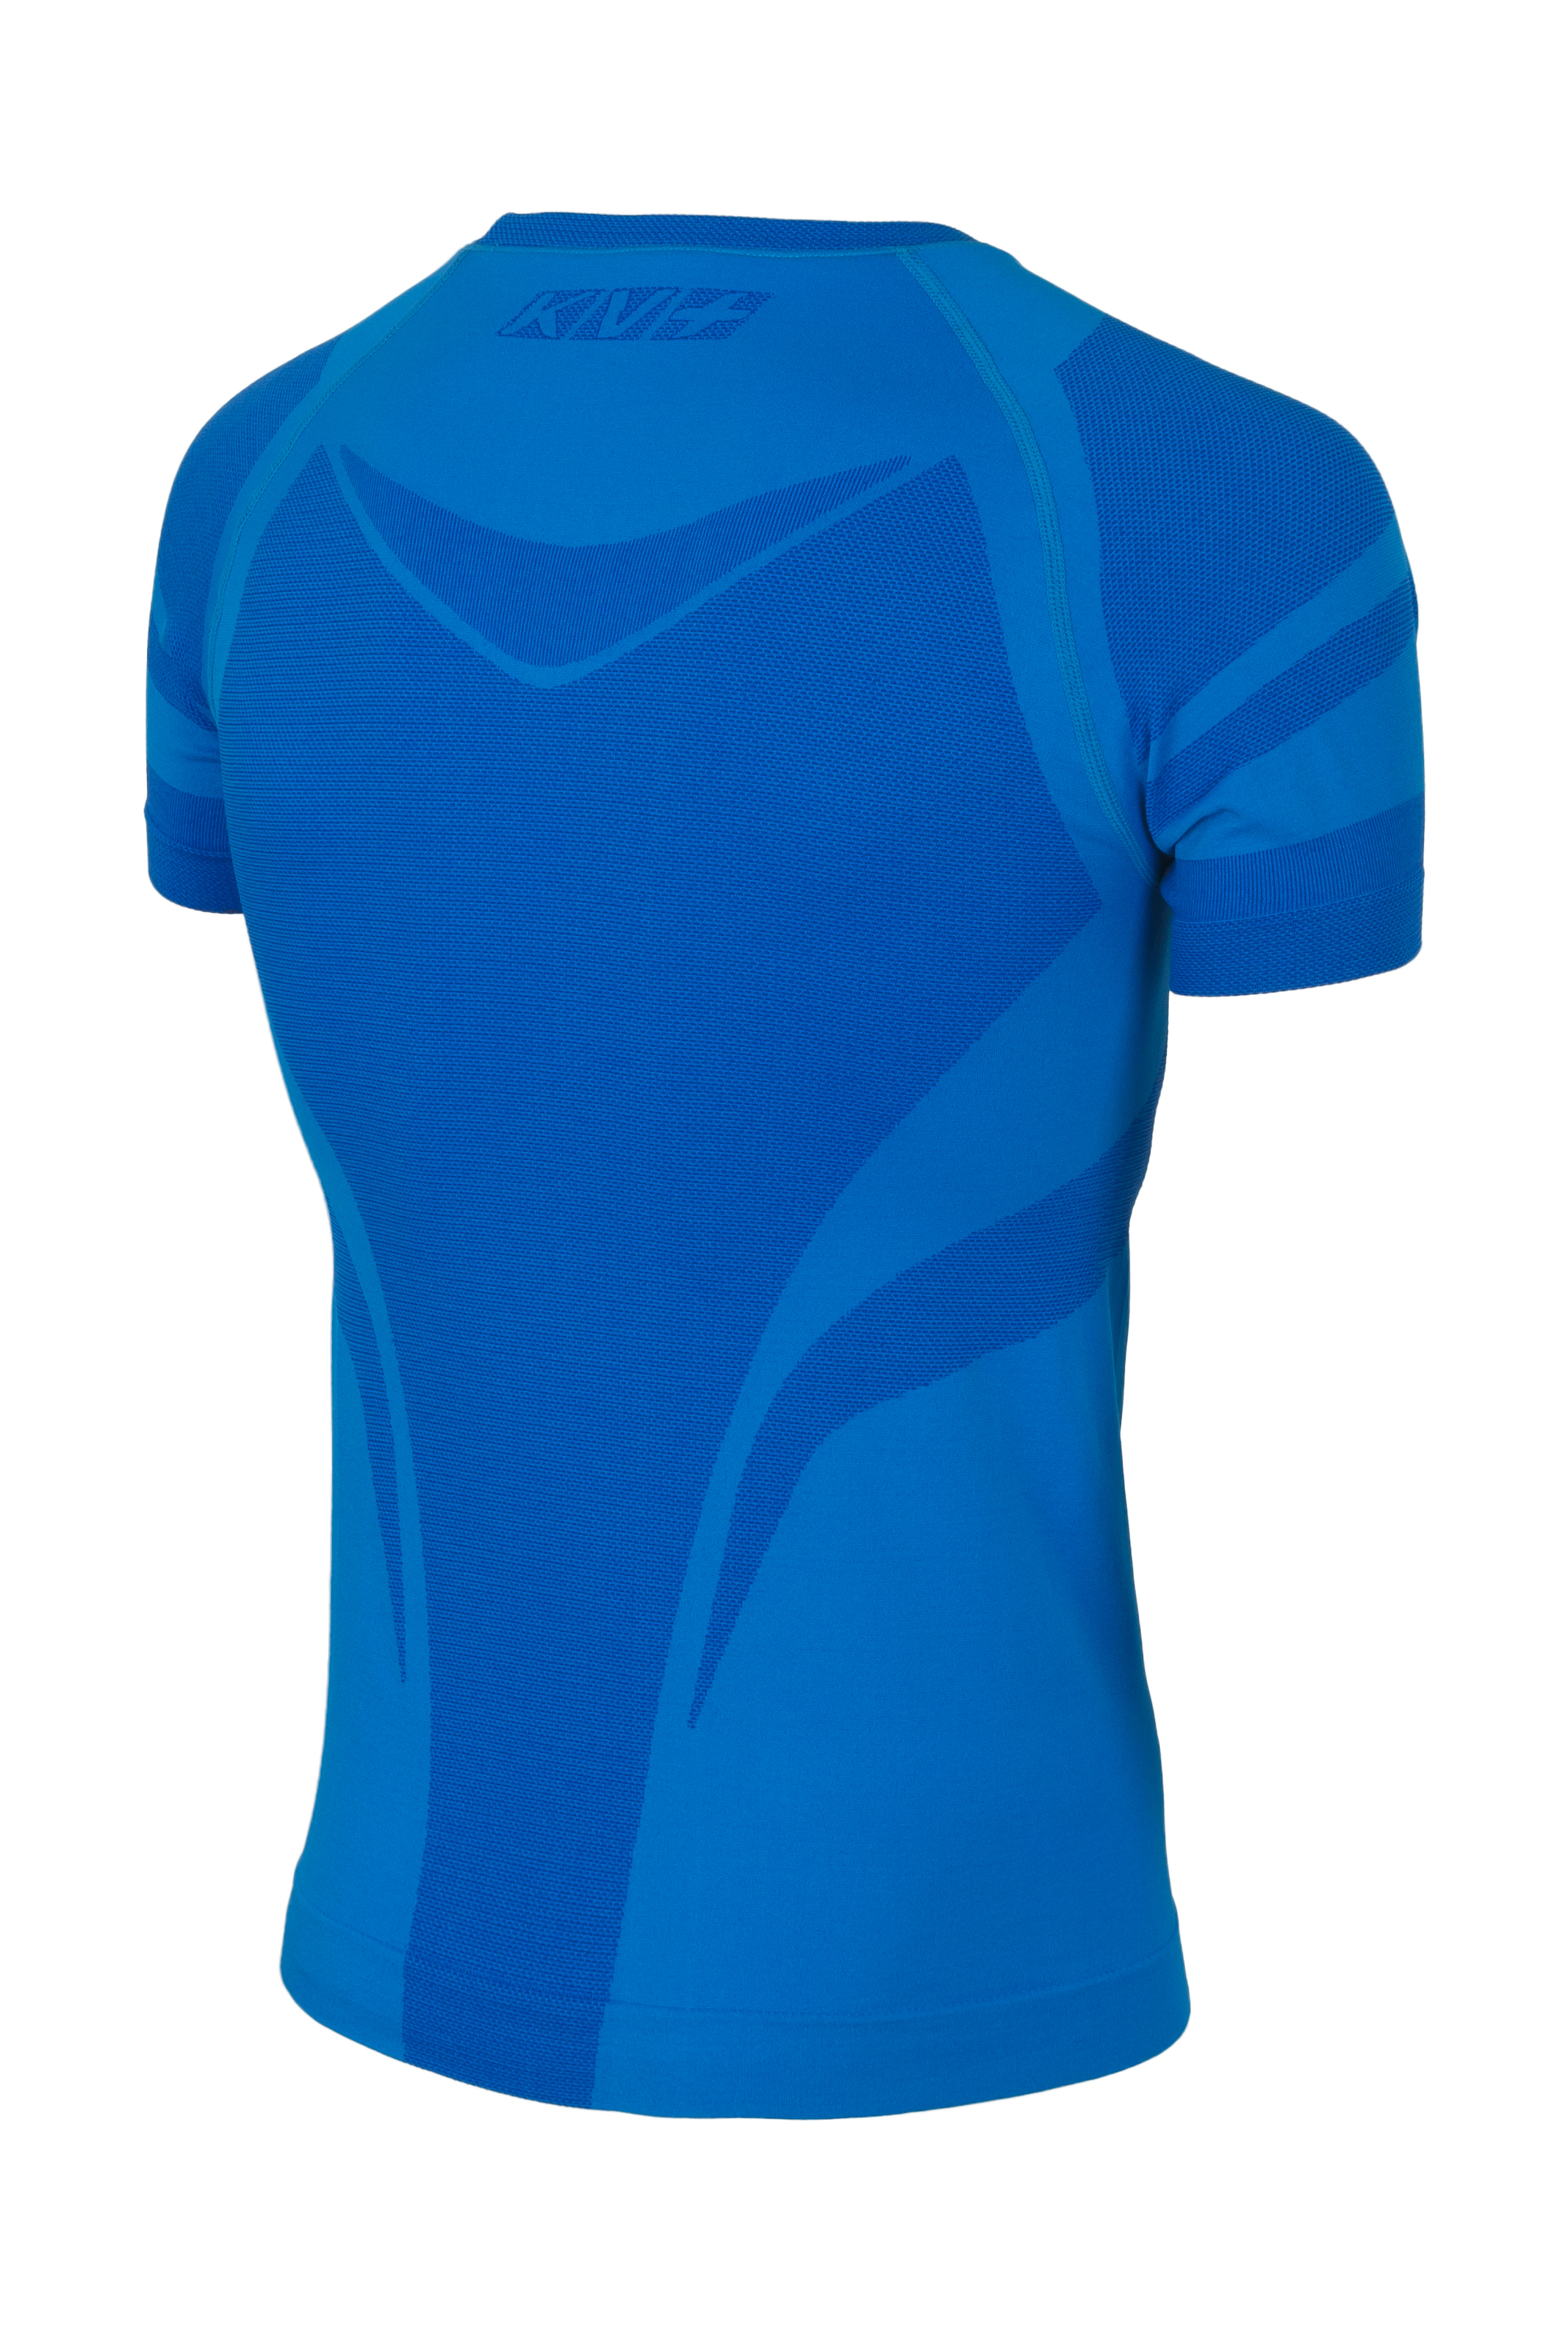 SEAMLESS T-SHIRT UNISEX (blue)